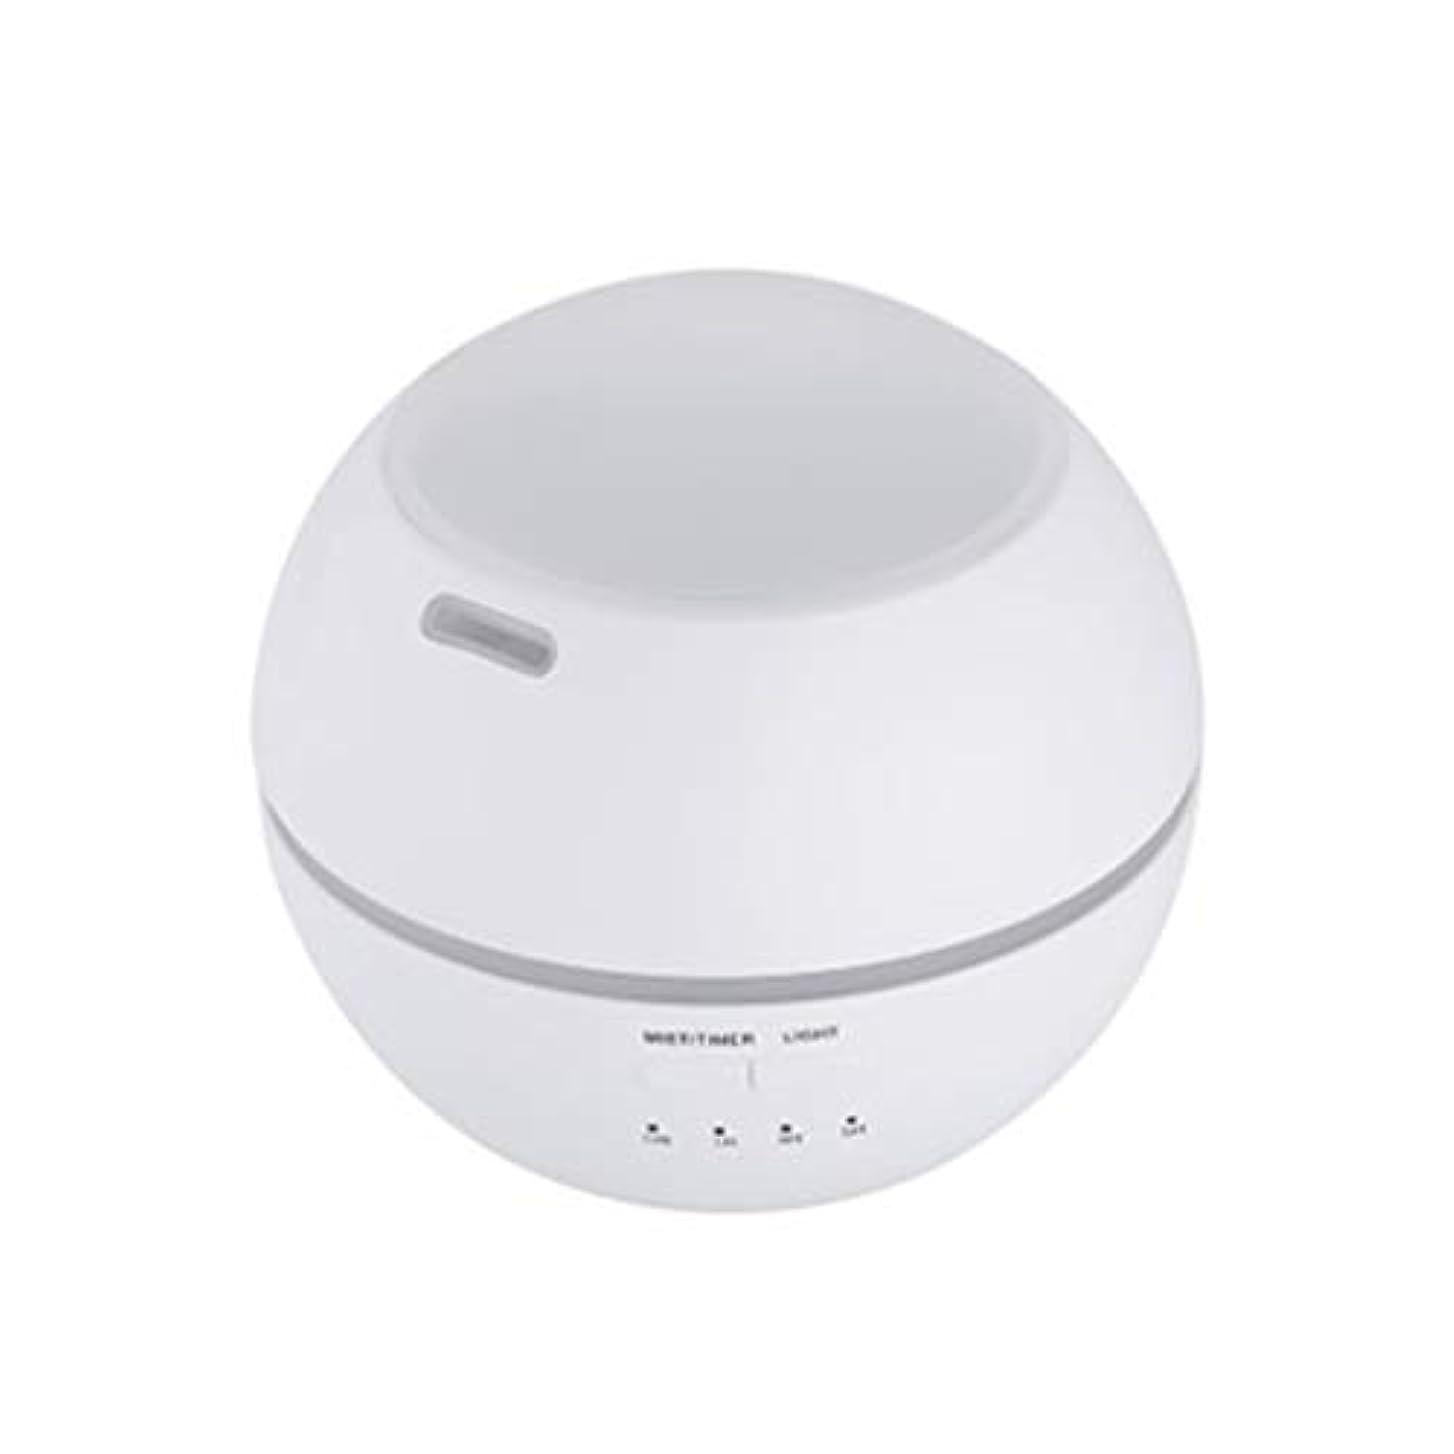 長方形種現代マルチライトマシンクリエイティブ超音波加湿器ランプ家庭用必須ディフューザーギフト (Color : White)